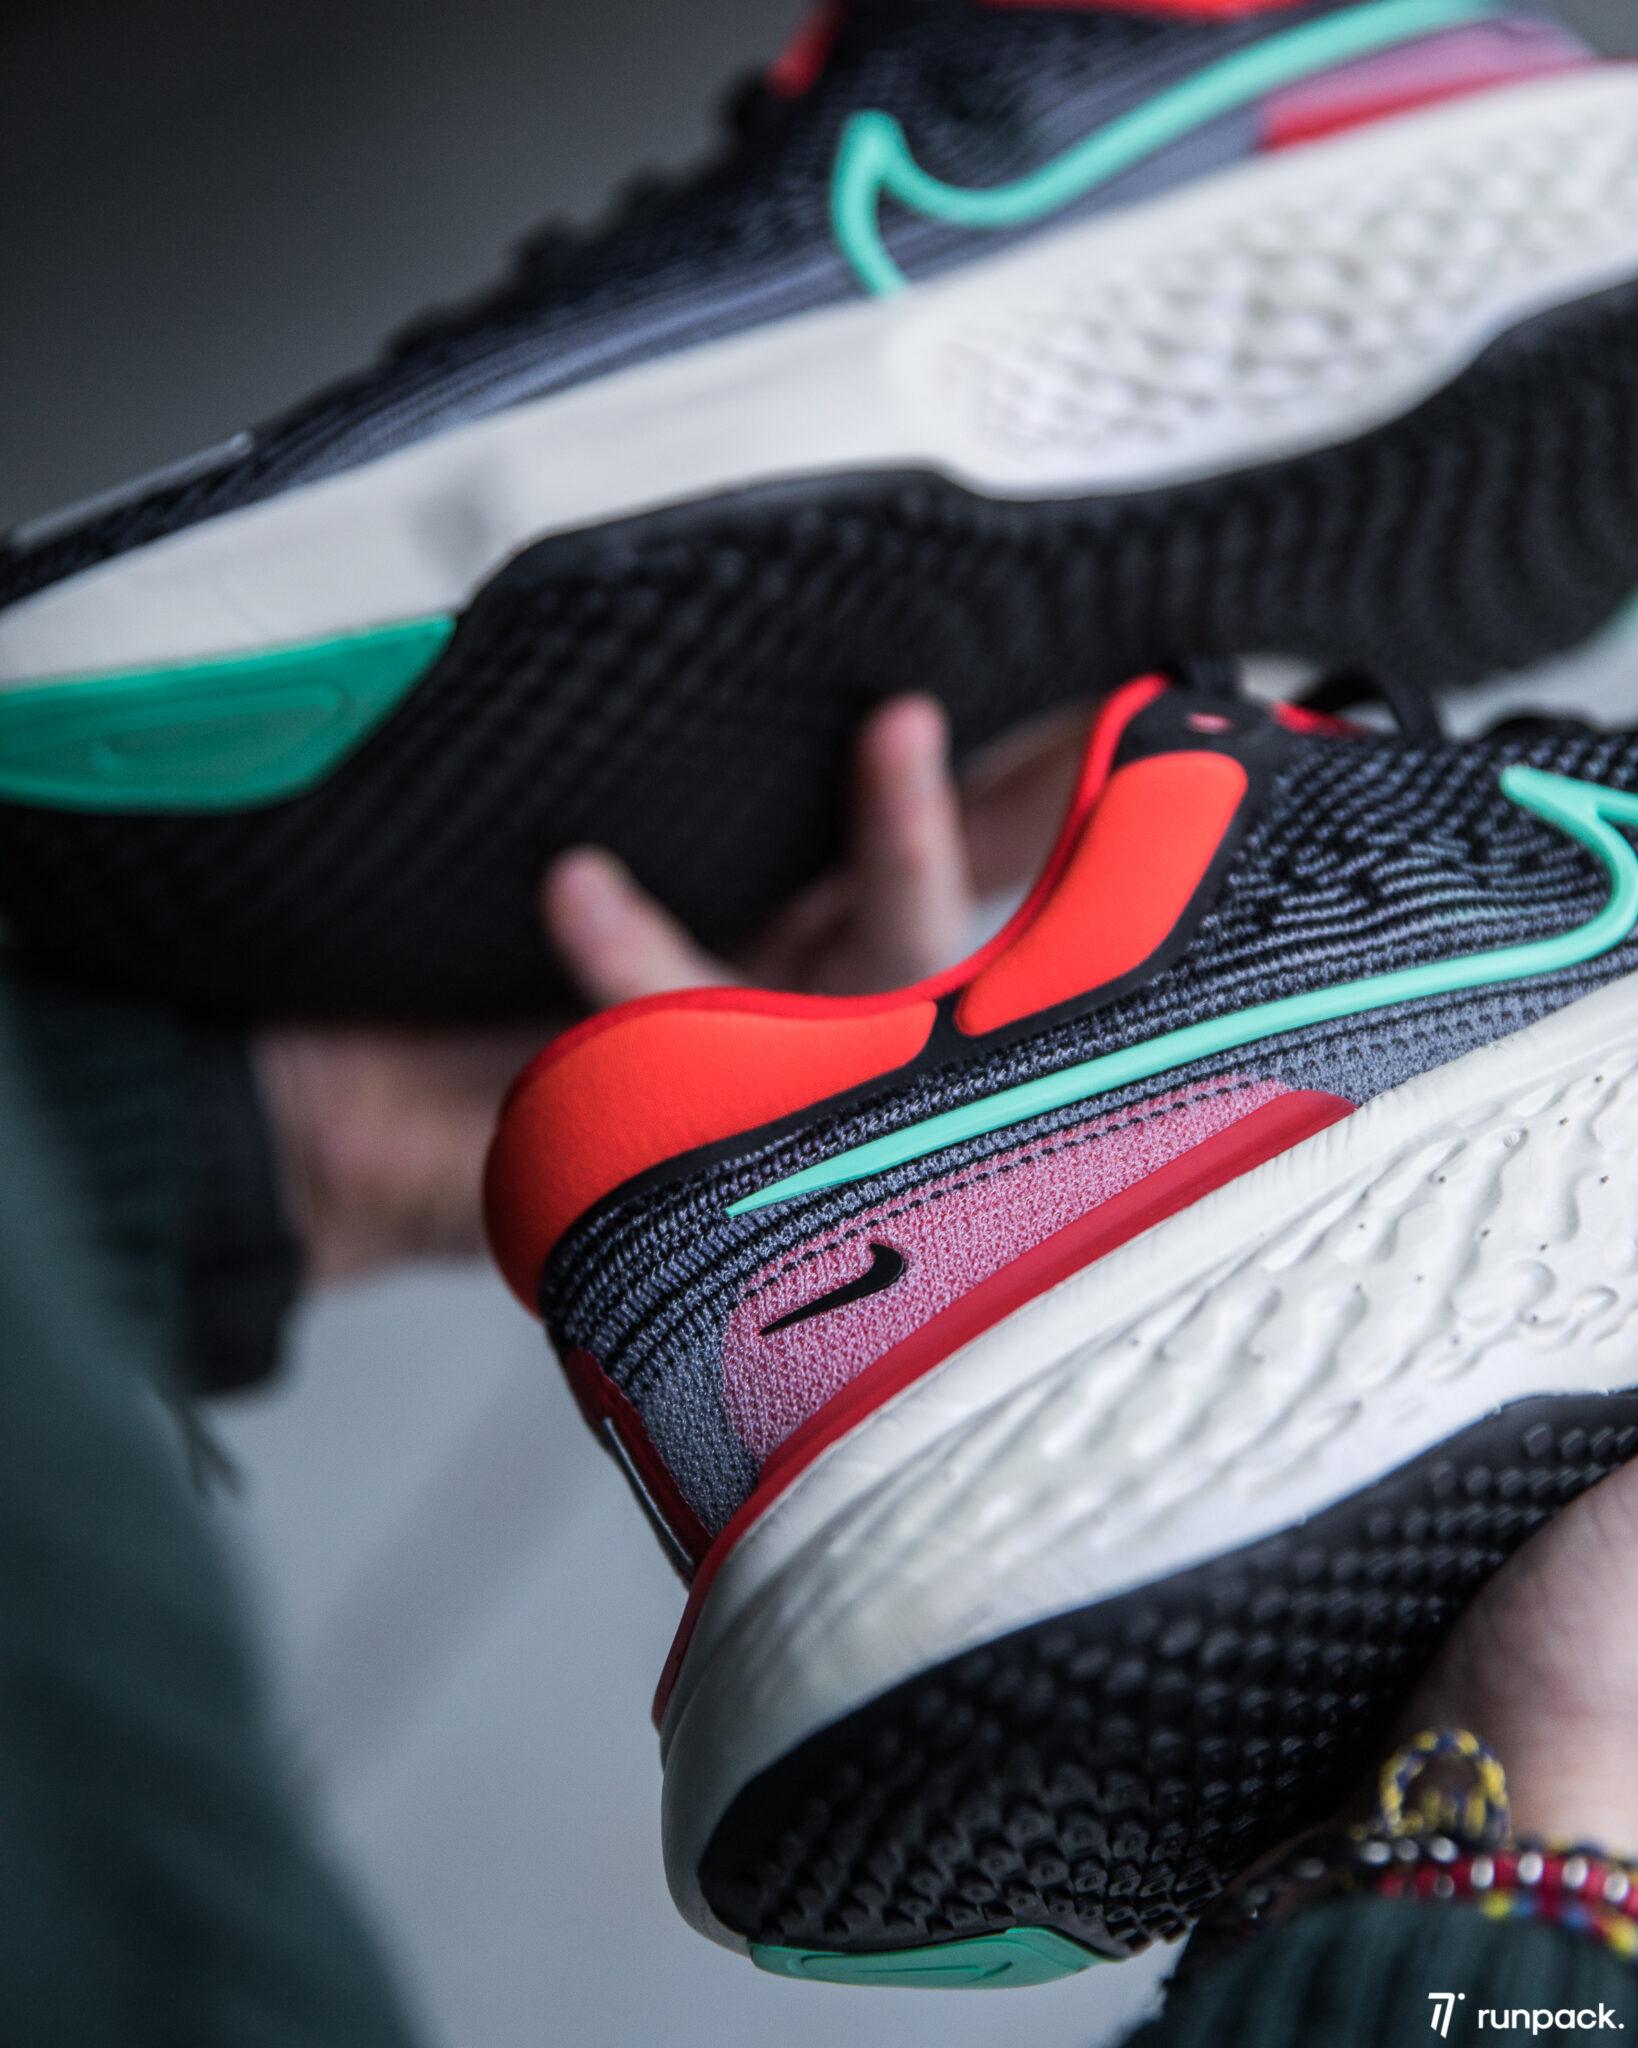 nike zoomx invincible run chaussures running runpack 1